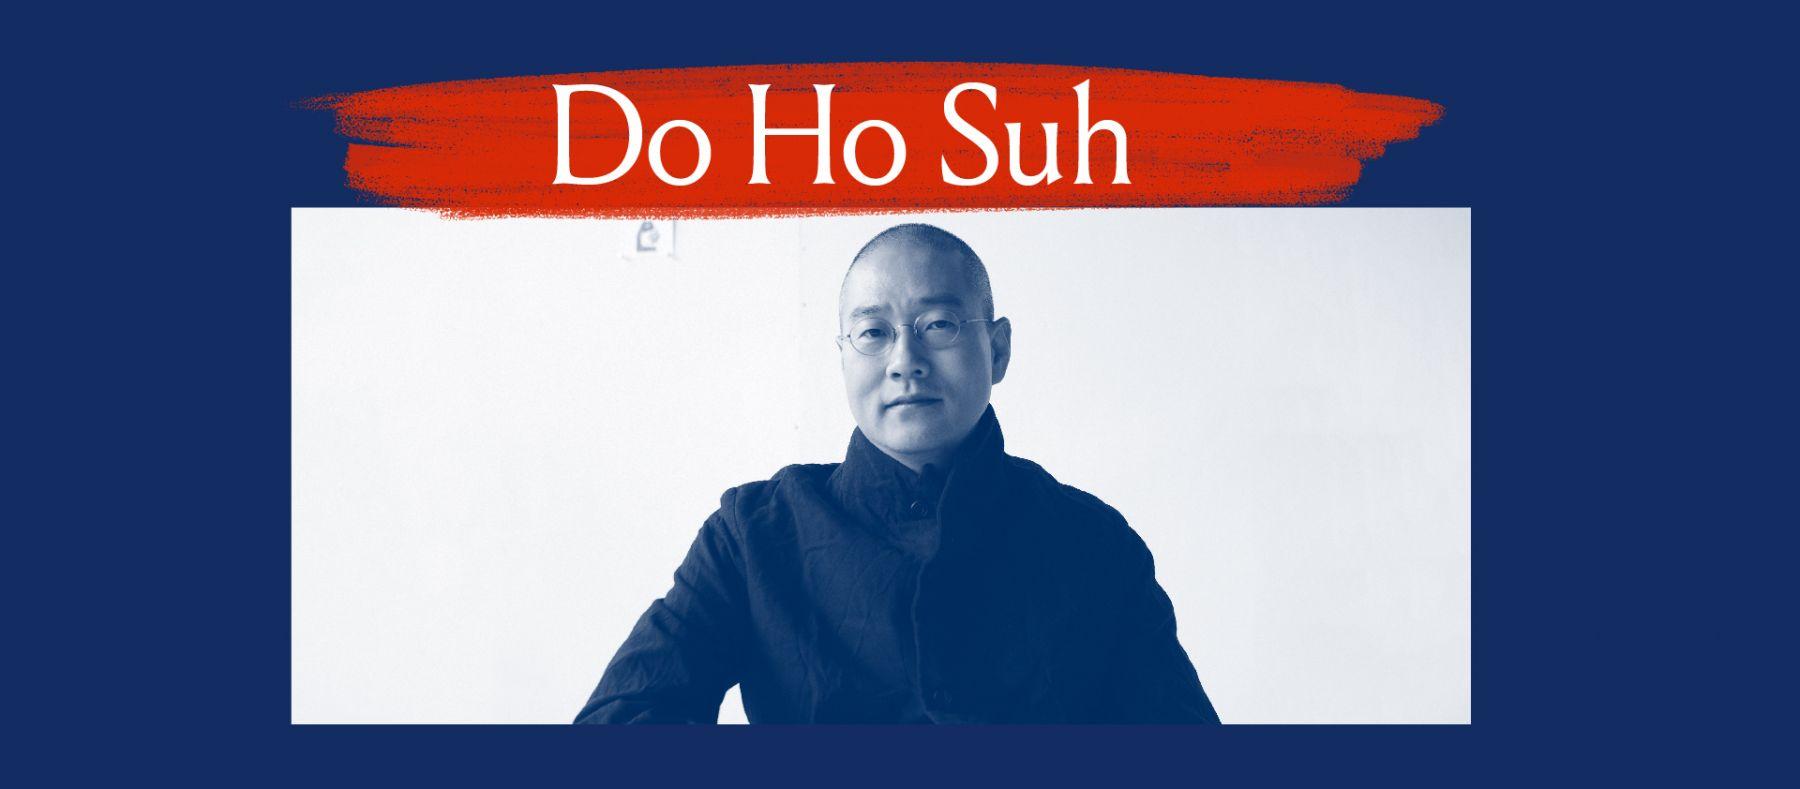 Do Ho Suh Portrait Banner